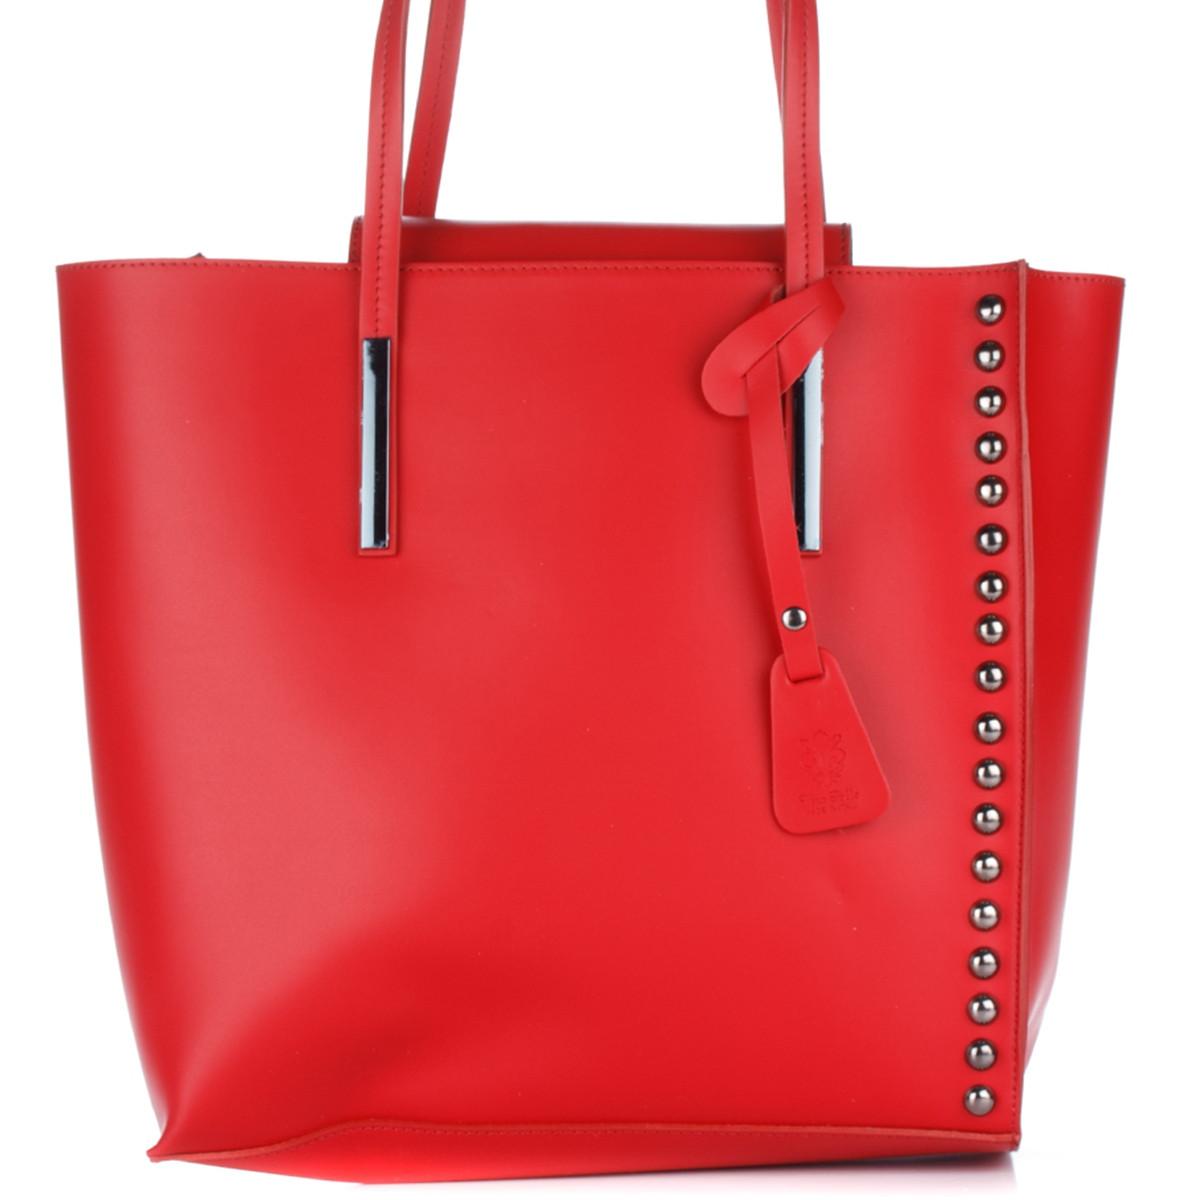 d0a982b41b34 Женская кожаная сумка 8237 красного цвета Италия — купить в Киеве ...